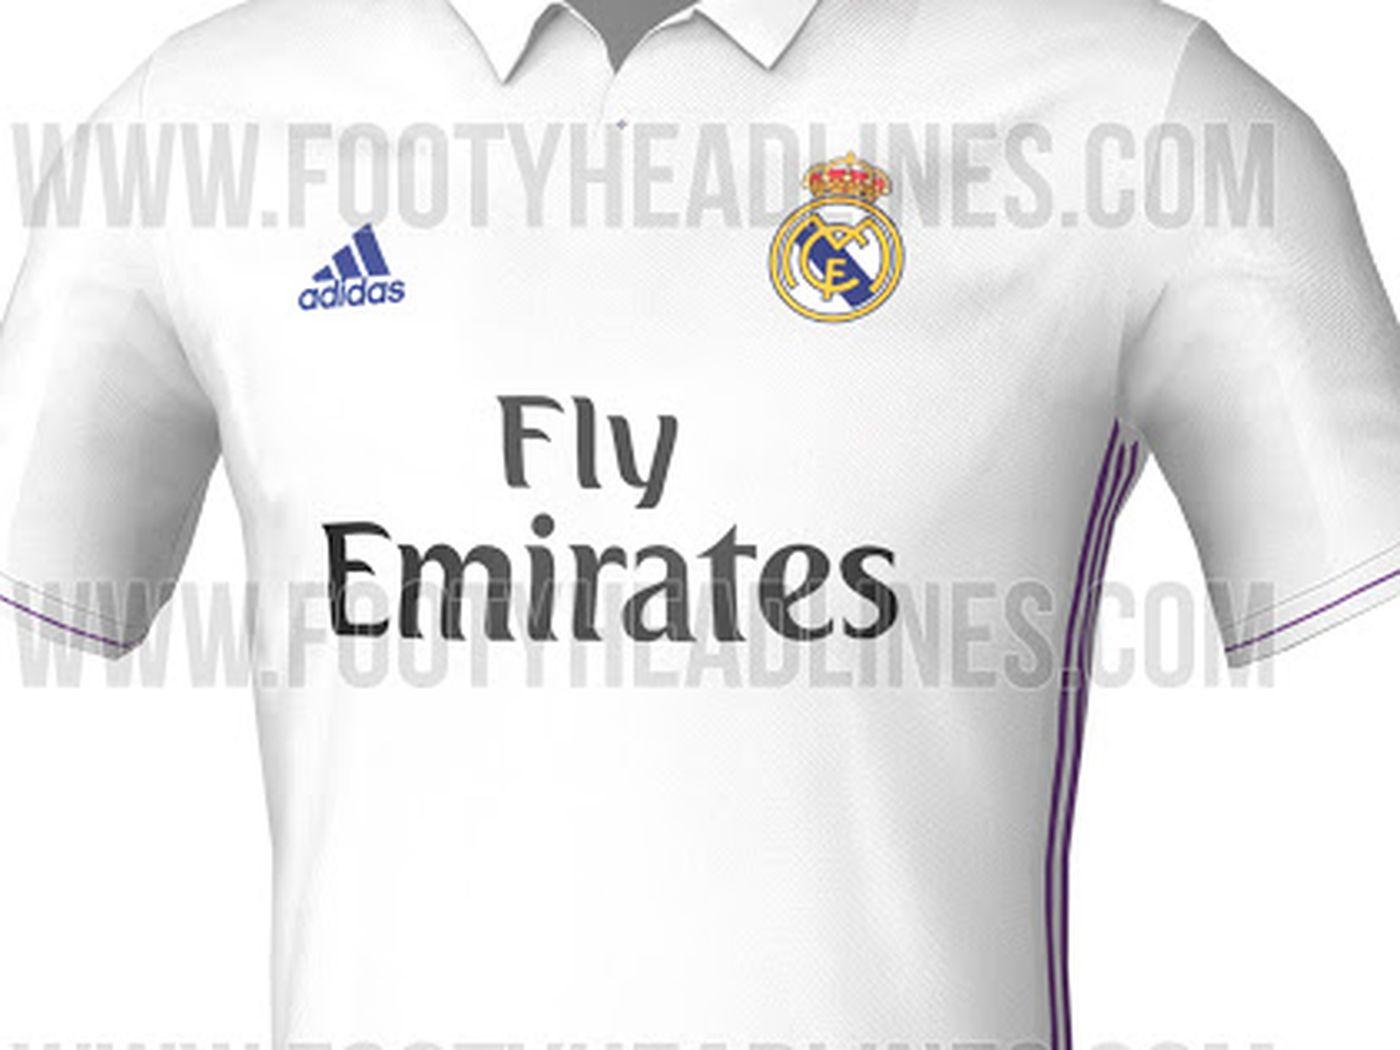 2016-2017 Real Madrid kits leaked  - Managing Madrid 47f336e82